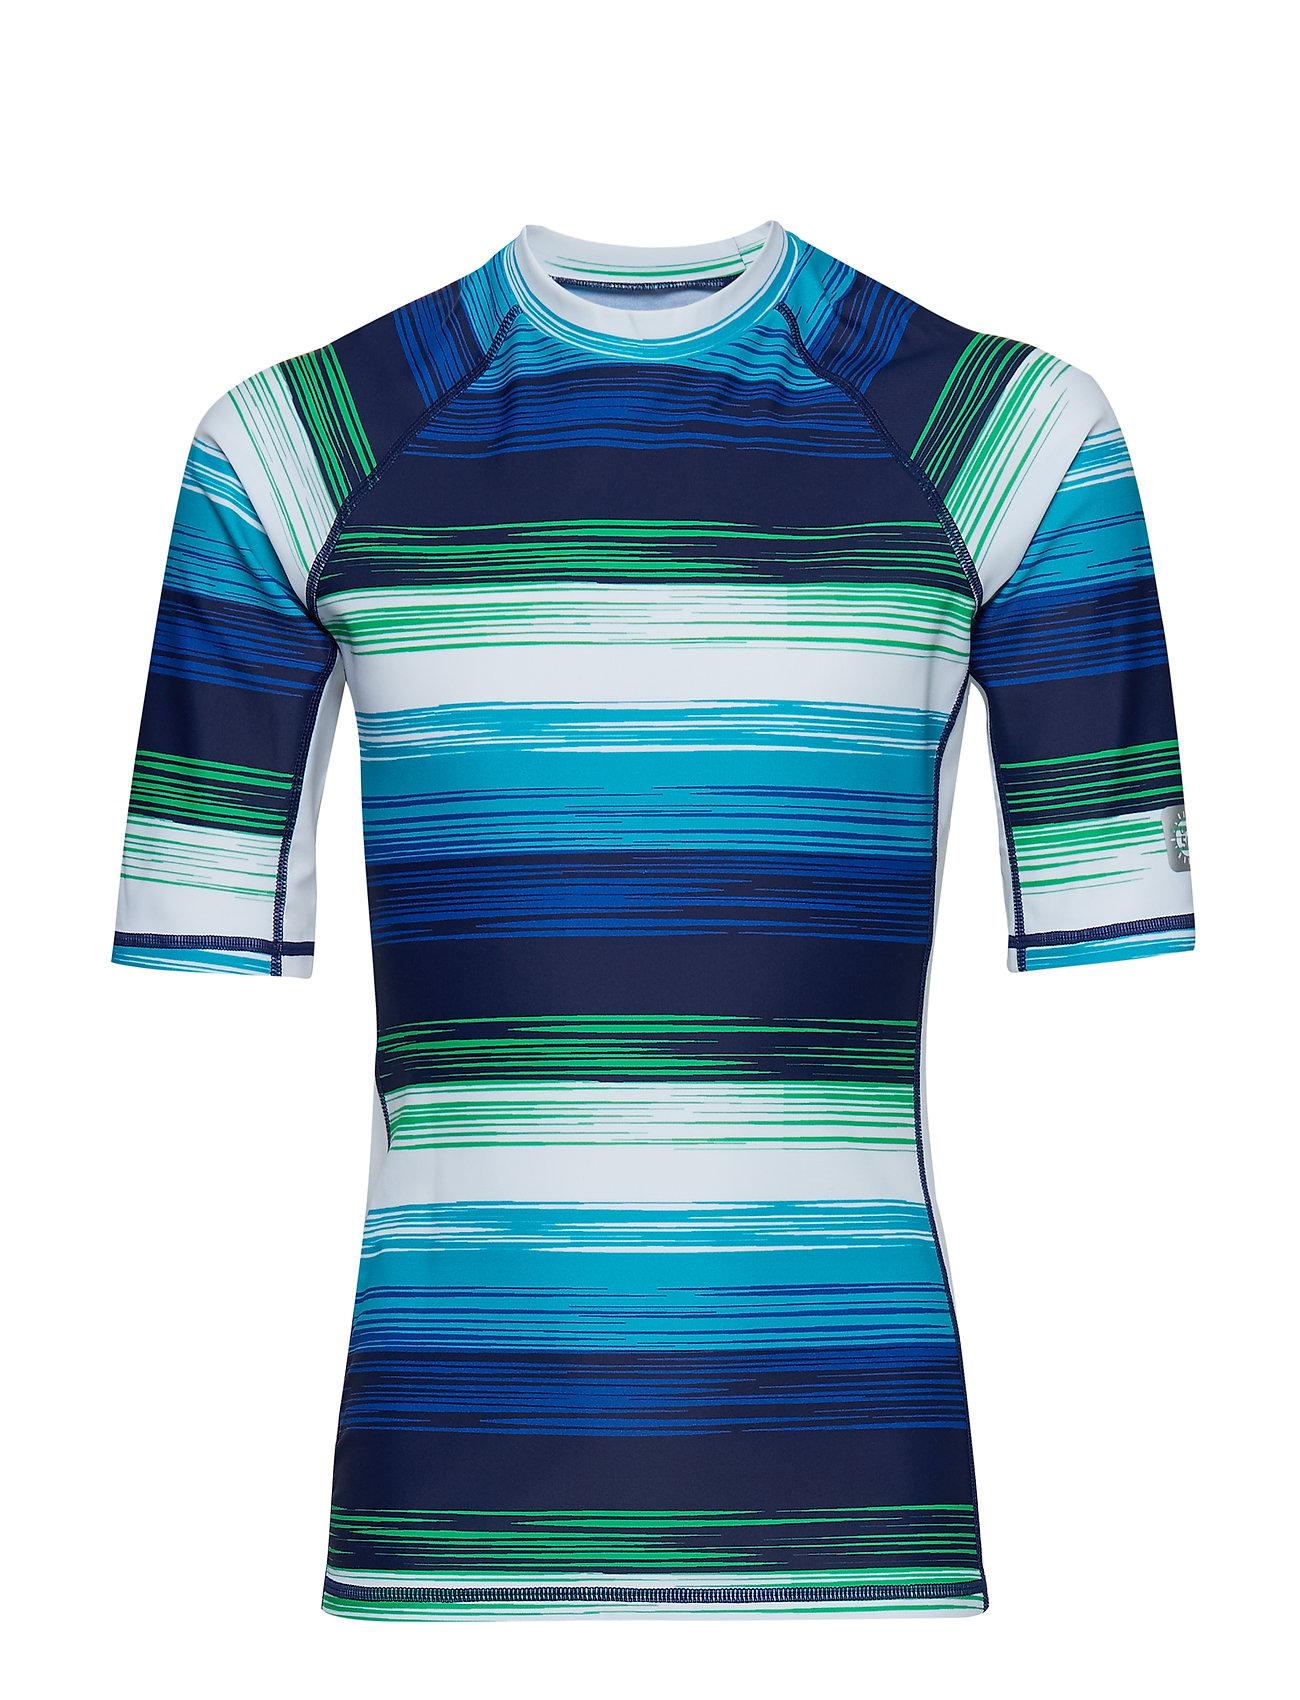 a6697da4 Fiji (Blue) (21.71 €) - Reima - | Boozt.com